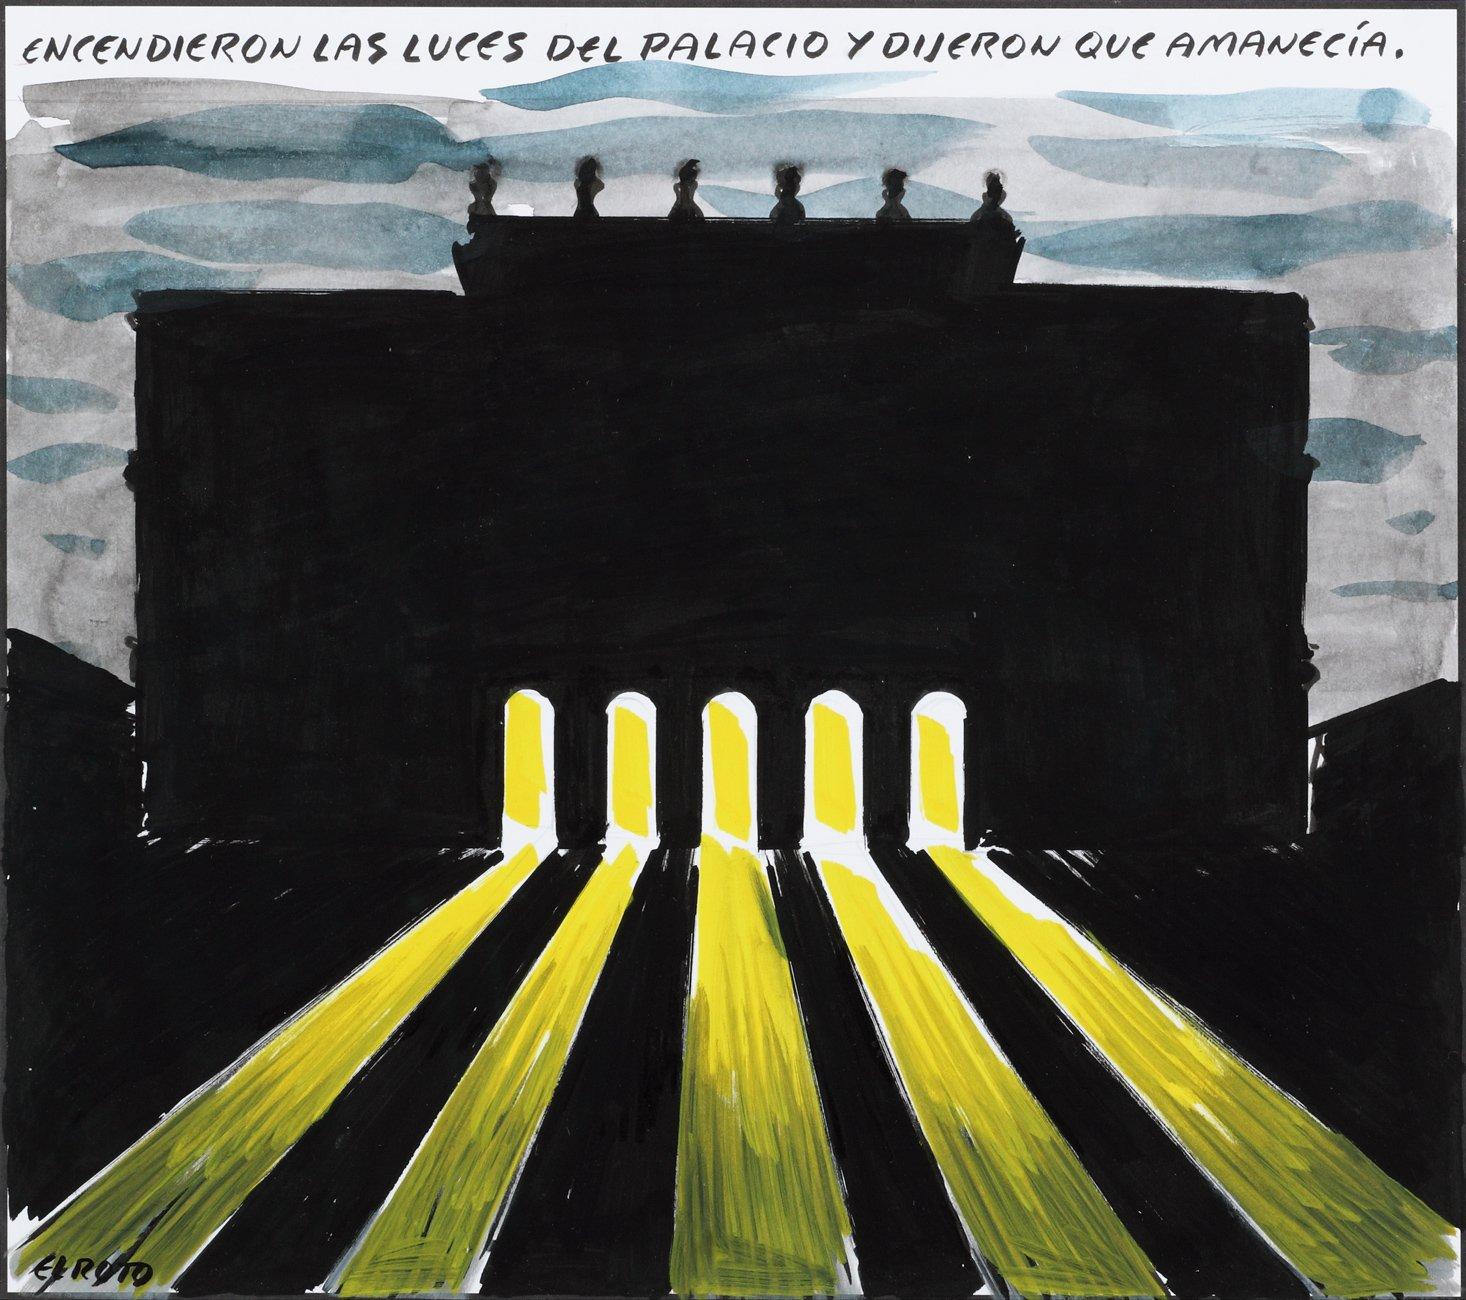 Encendieron las luces del Palacio